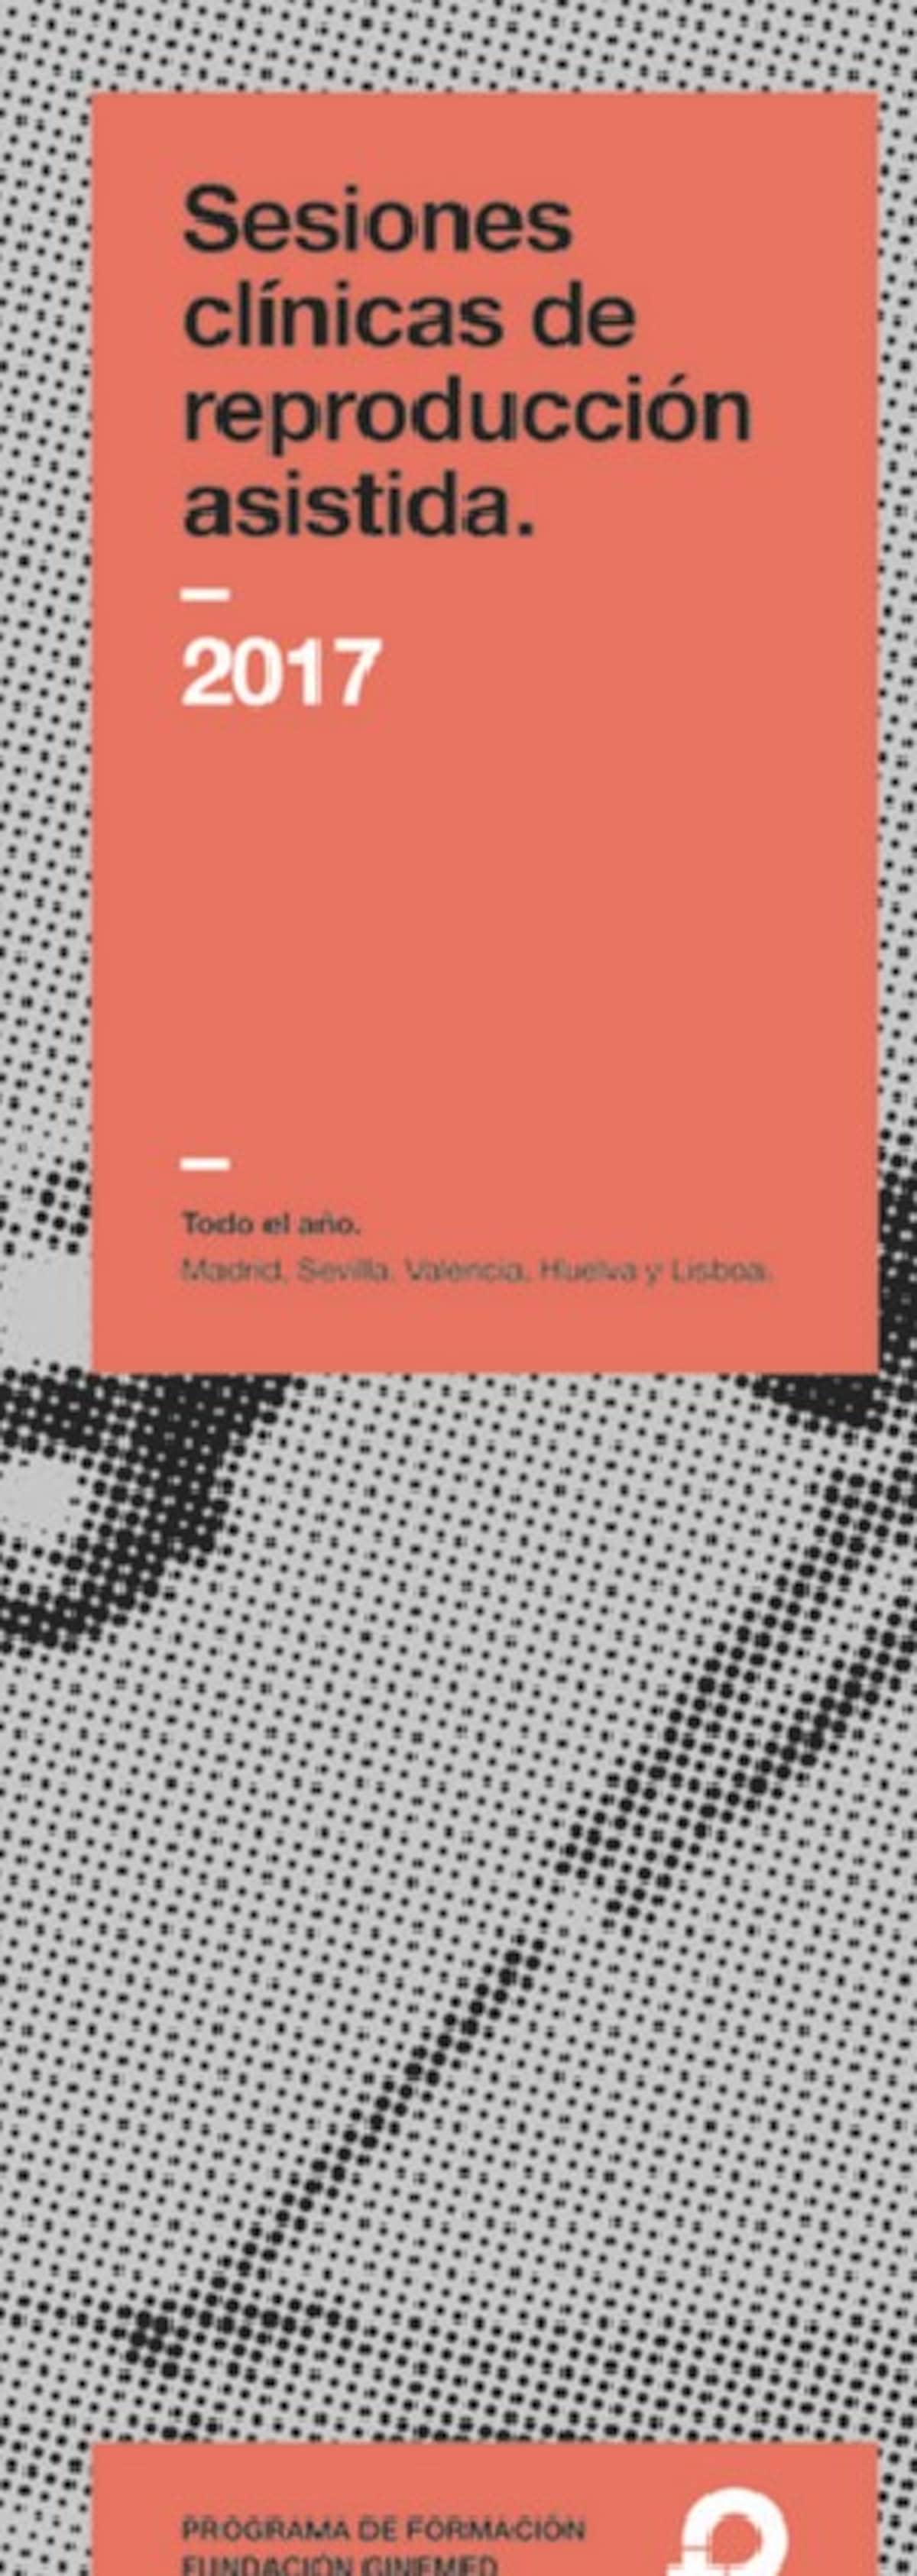 Cartel sesiones clínicas de reproducción asistida